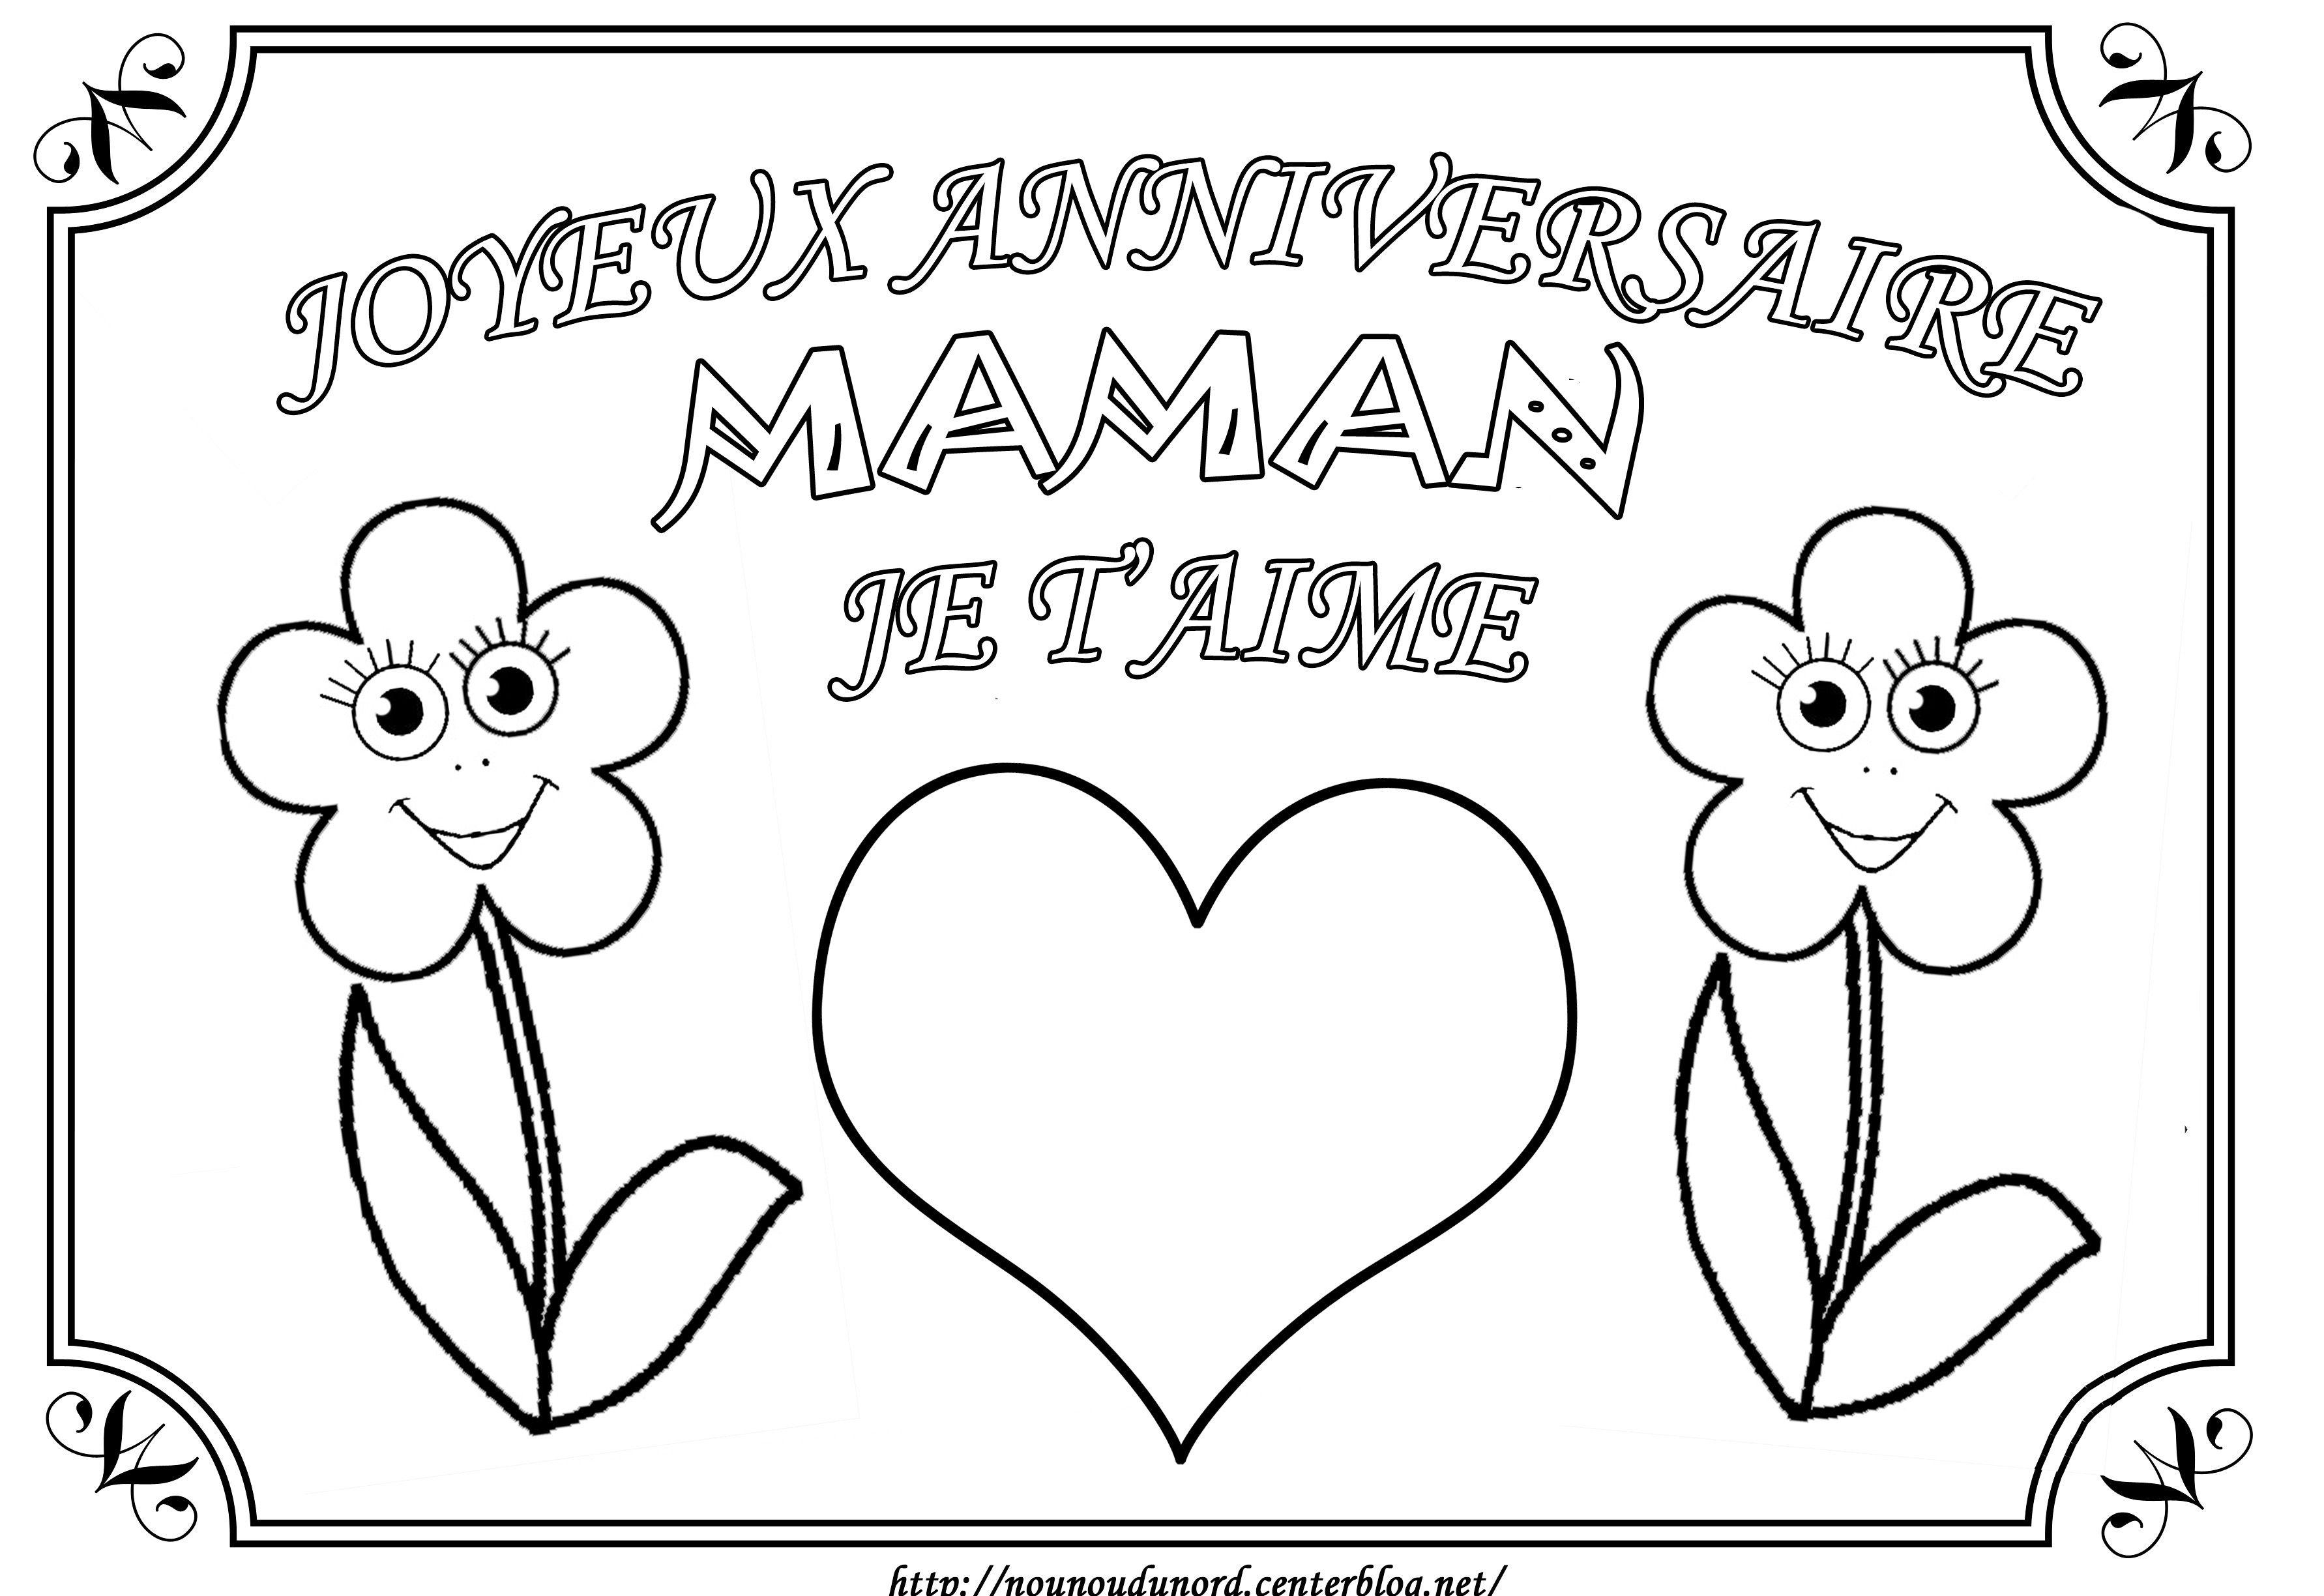 Coloriage Joyeux Anniversaire Maman Je T'Aime avec Dessin A Imprimer Joyeux Anniversaire